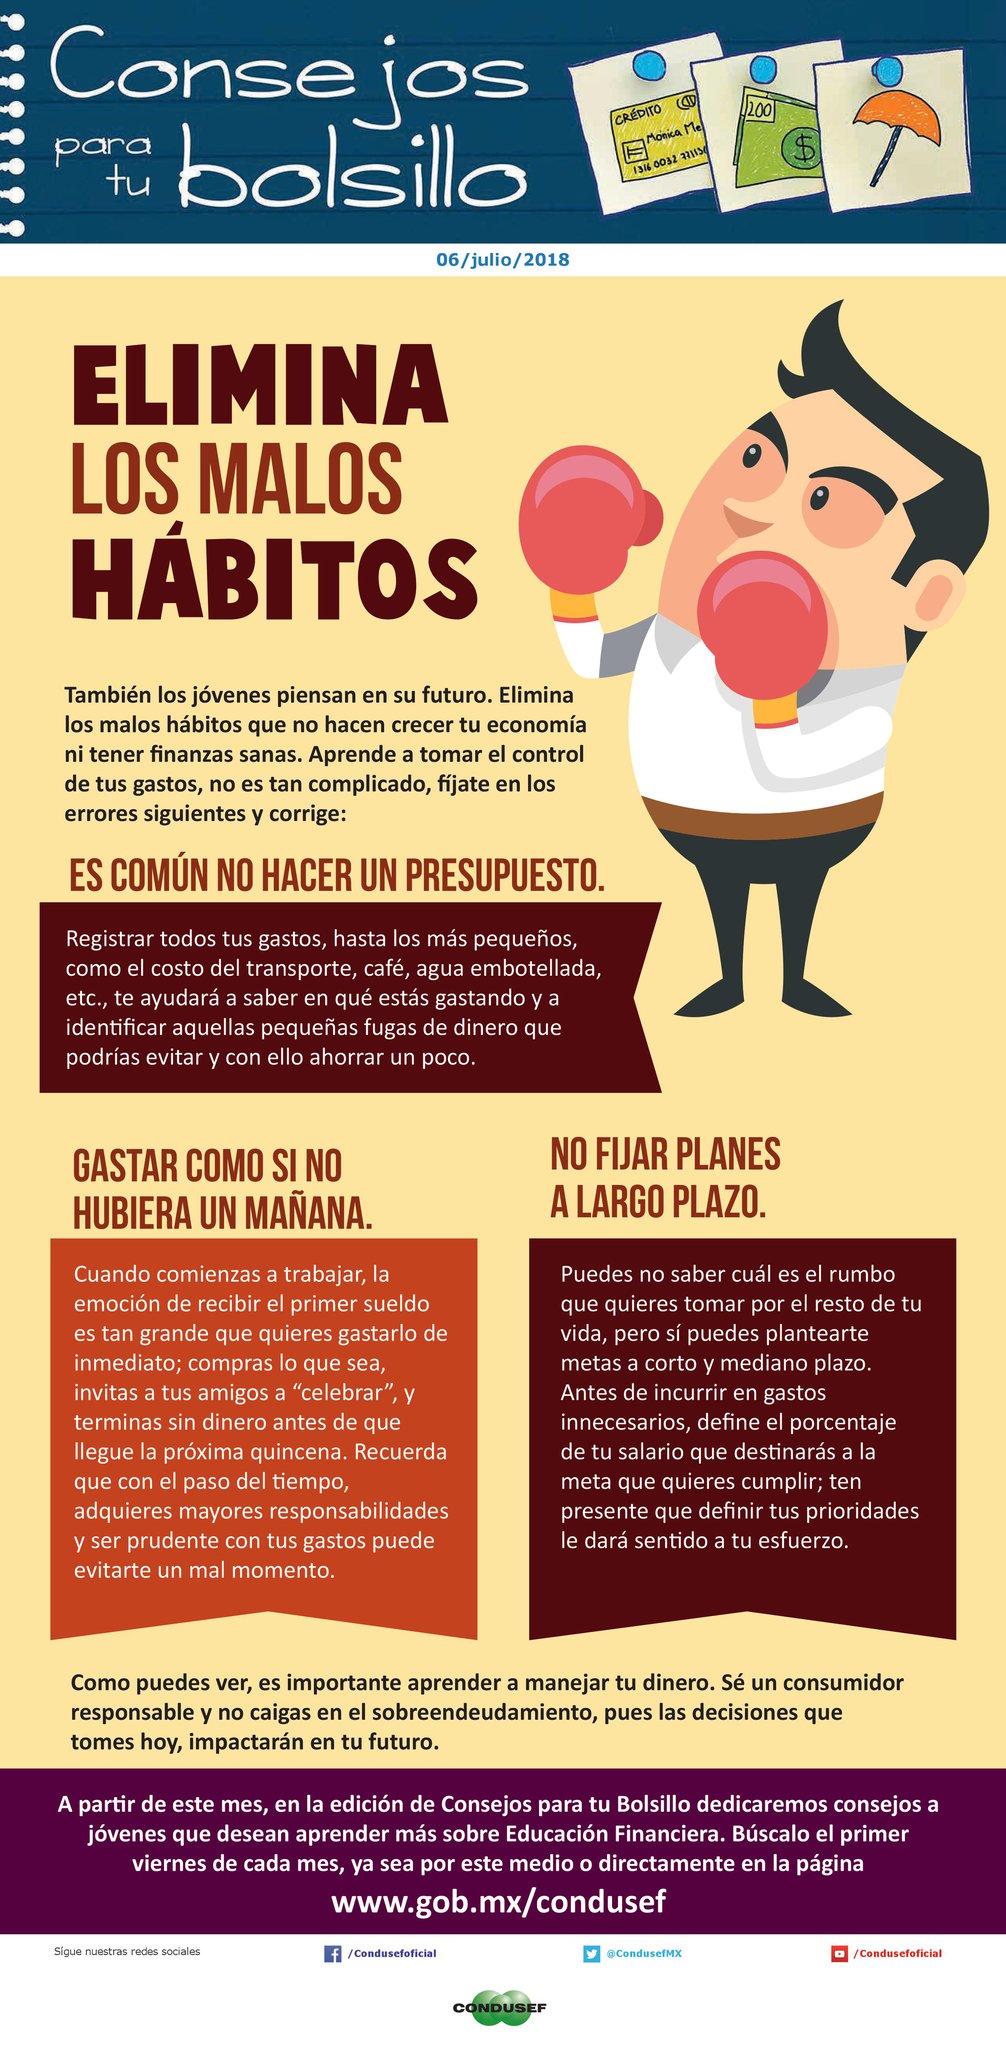 Elimina los malos hábitos